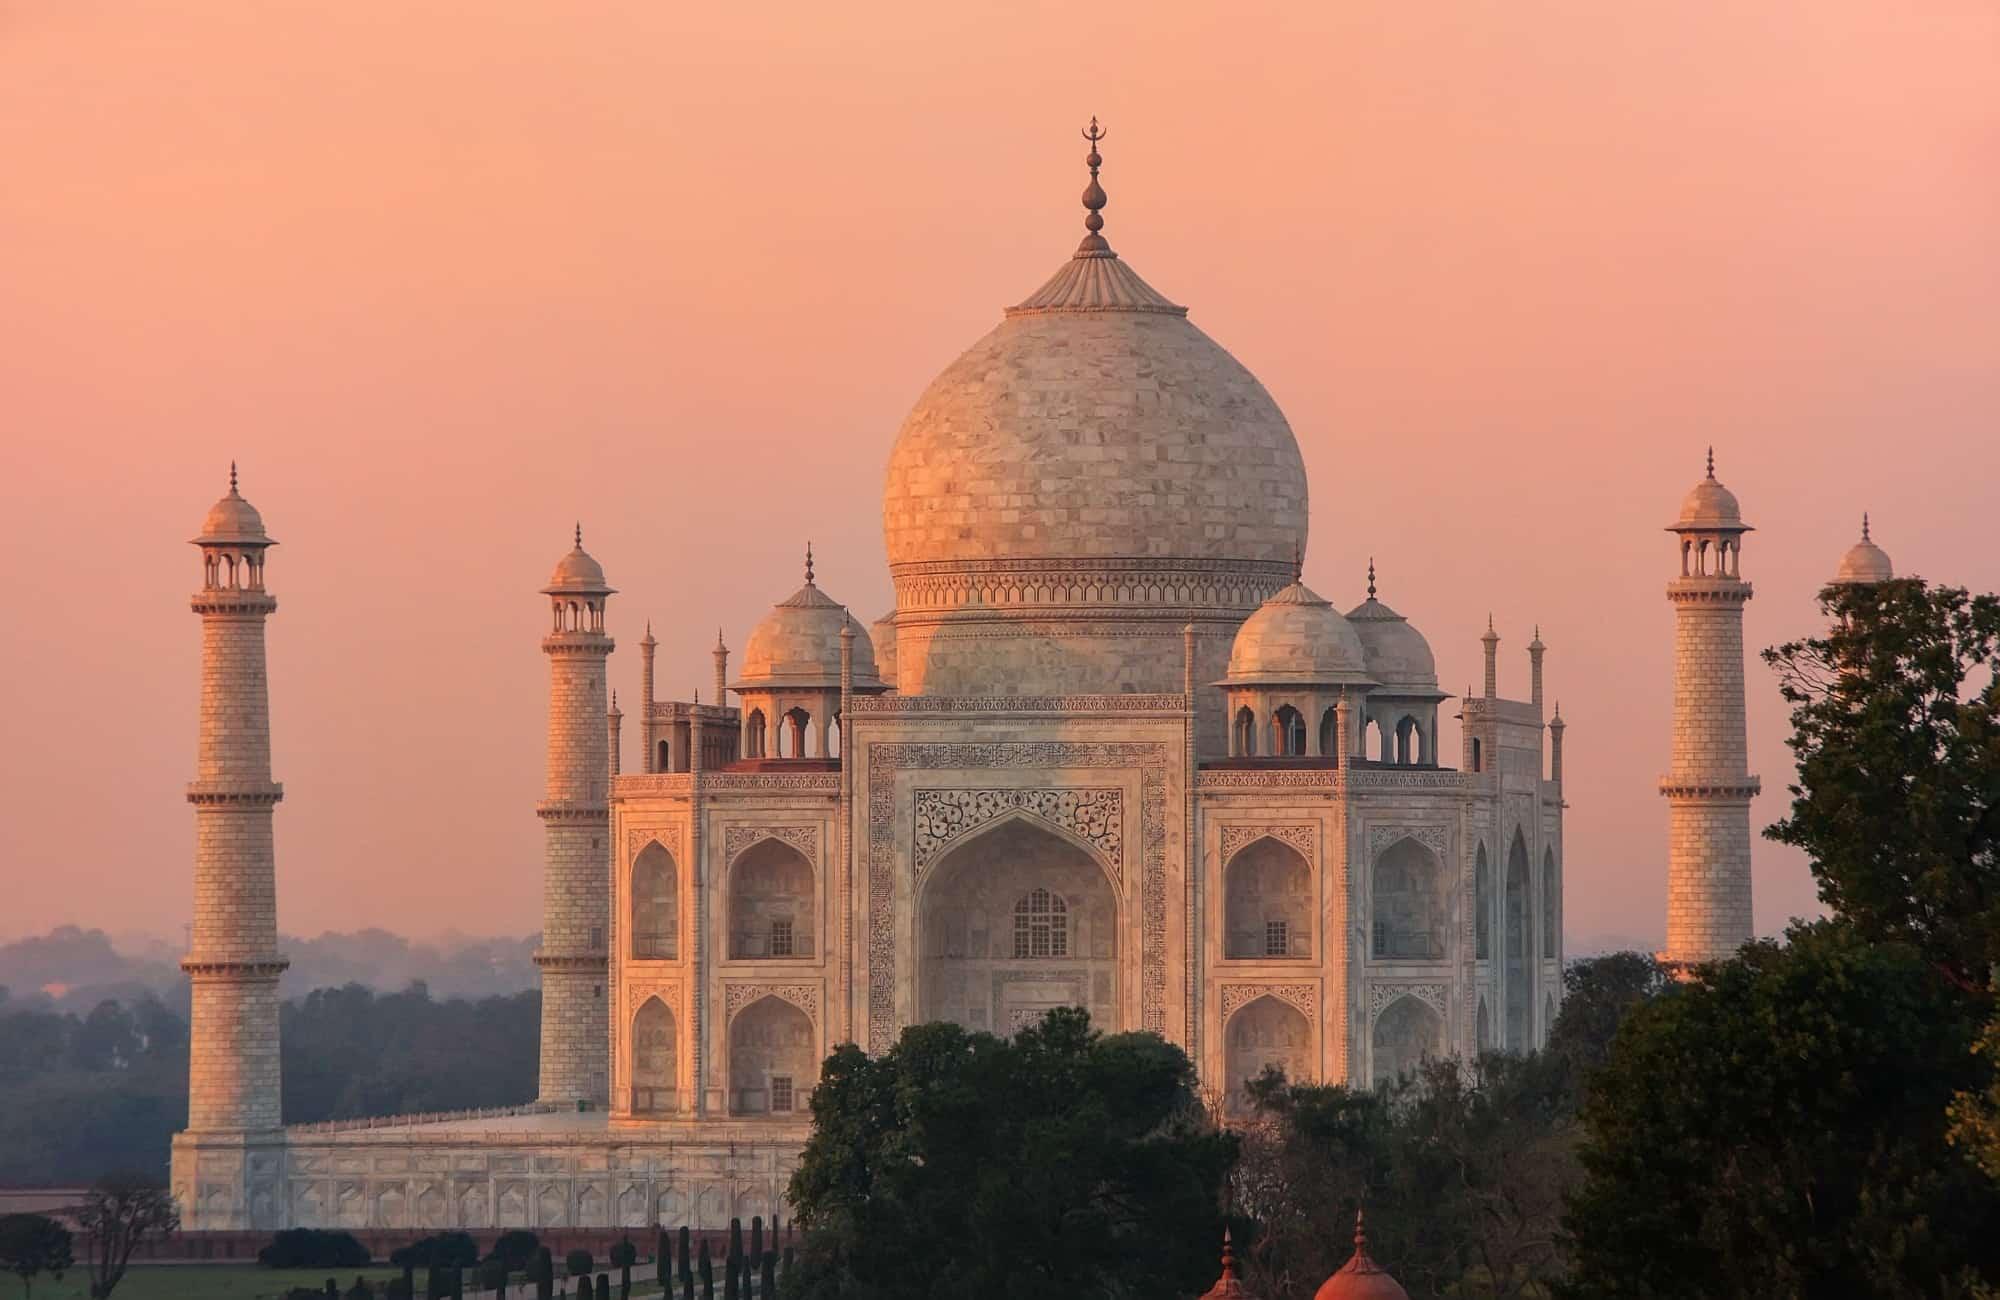 Vue sur le mausolée Taj Mahal